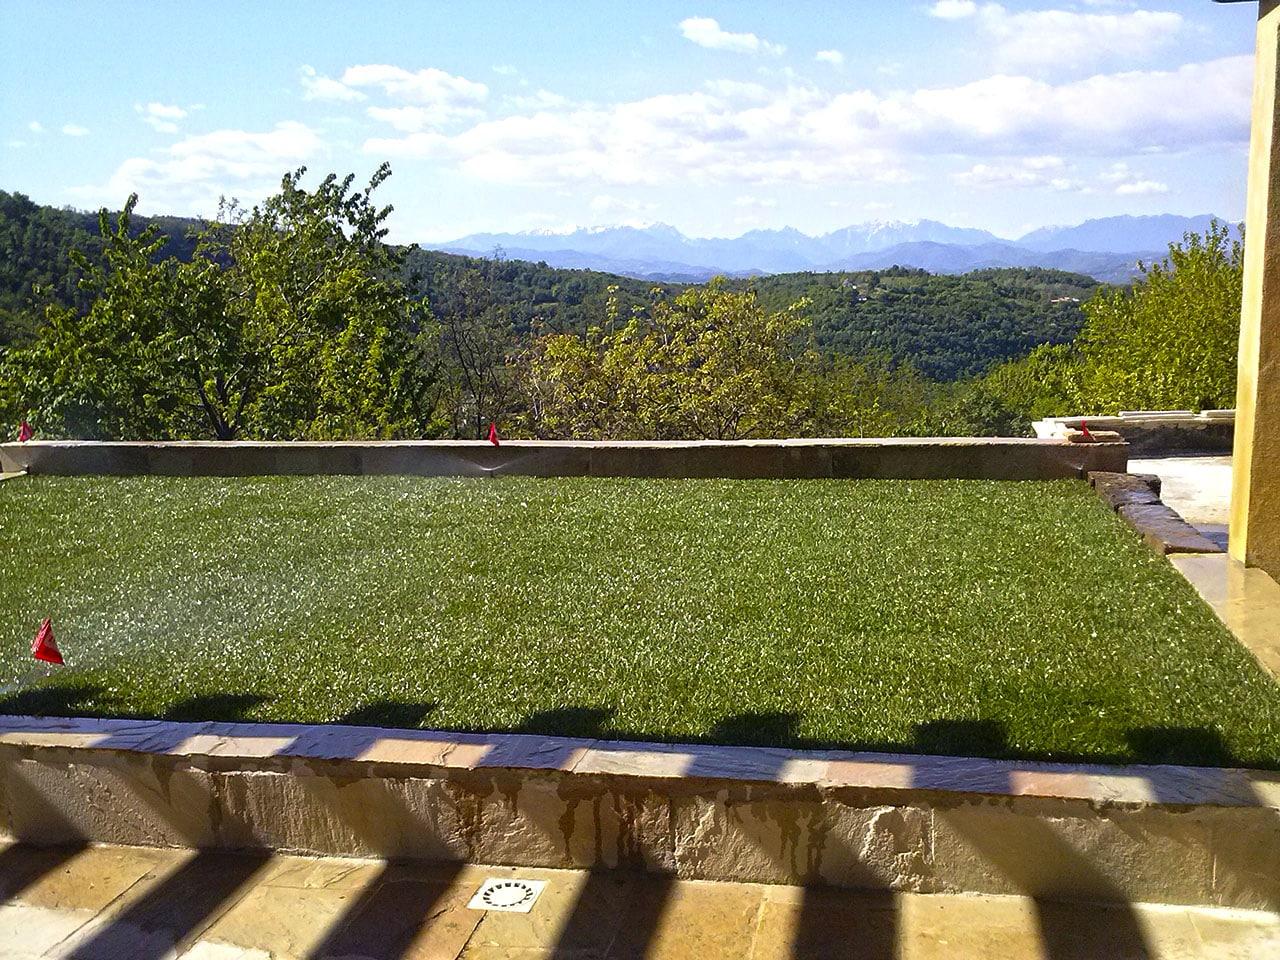 Ben noto Realizzazione Giardini Pensili | Trifolium Giardini Vicenza VM43